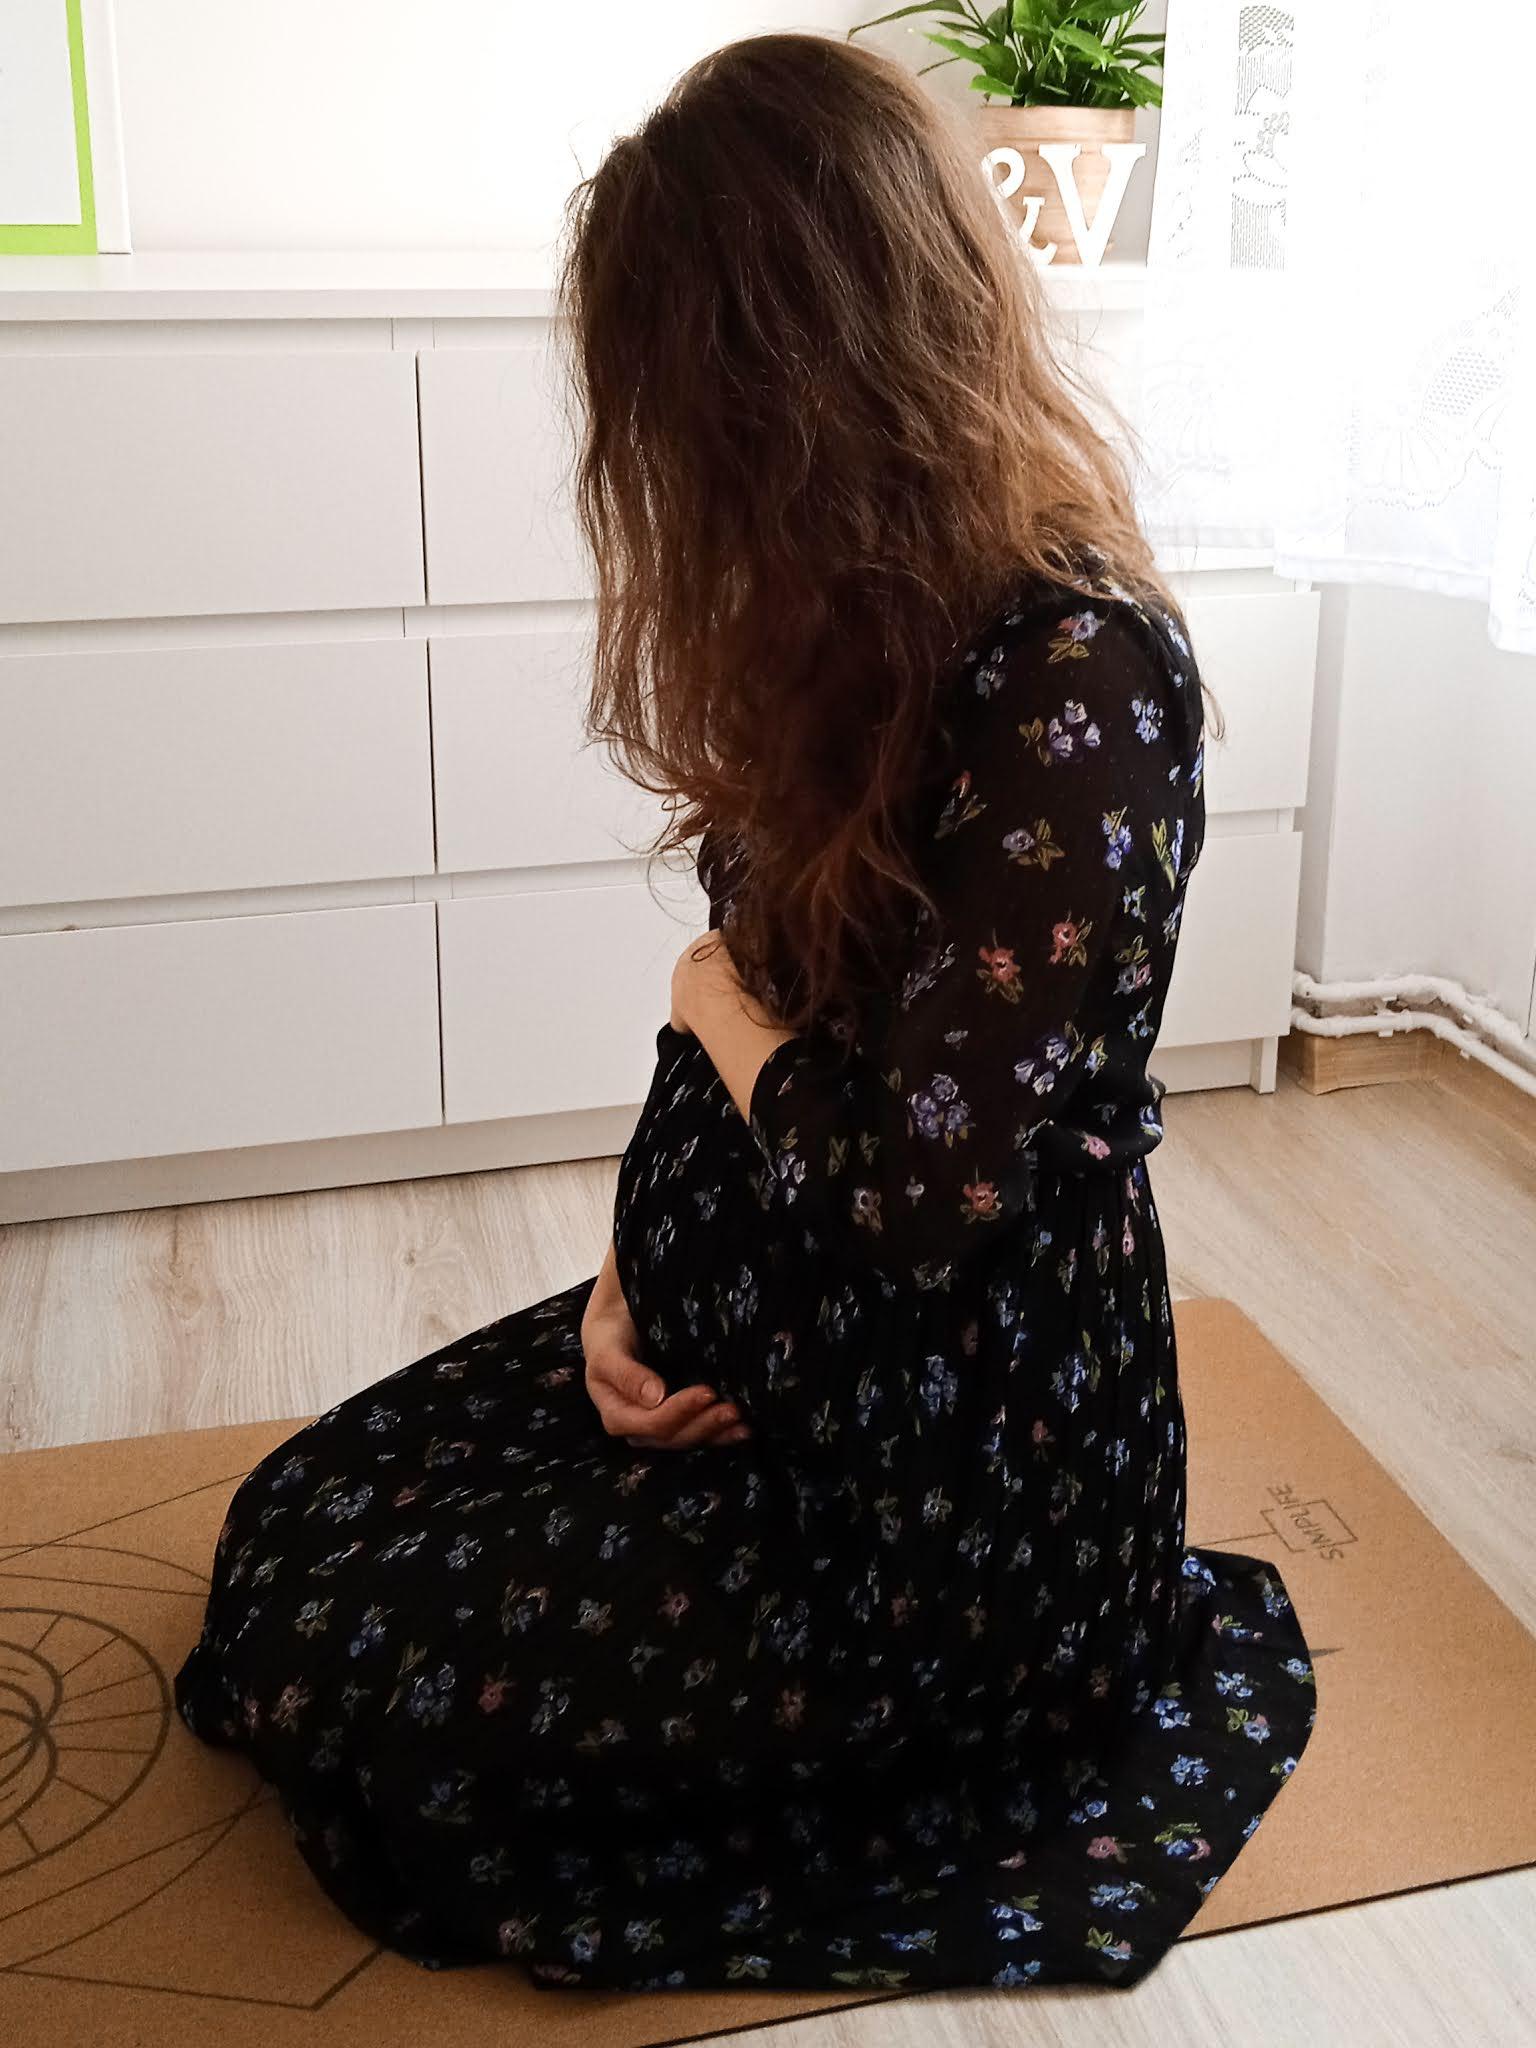 7 miesiąc ciąży, 3 trymestr ciąży